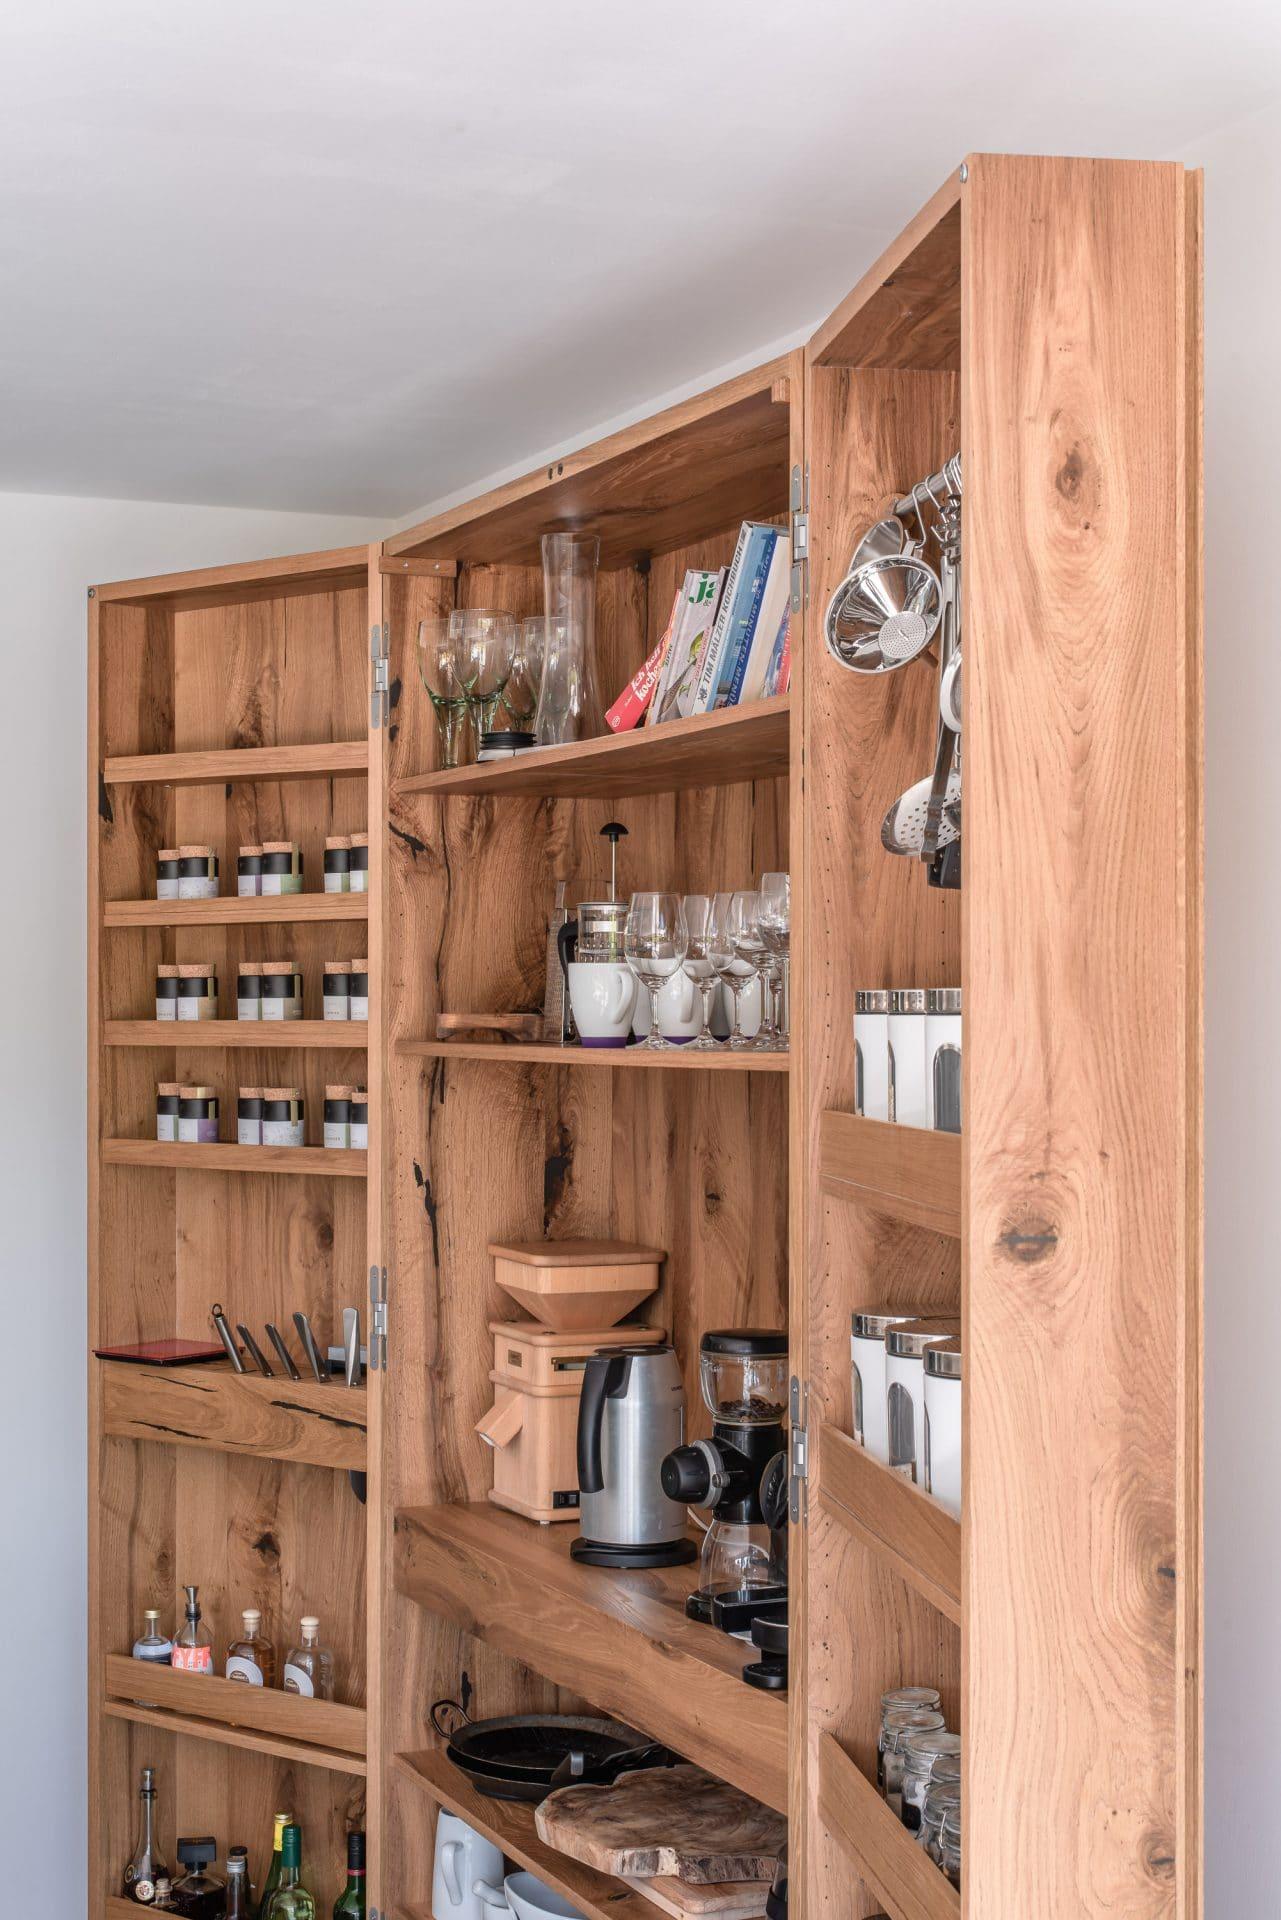 Küchendesign von VOIT aus rustikaler Eiche und Beton - Küchenschrank mit Gewürzen, Küchengeräten und Gläsern darin